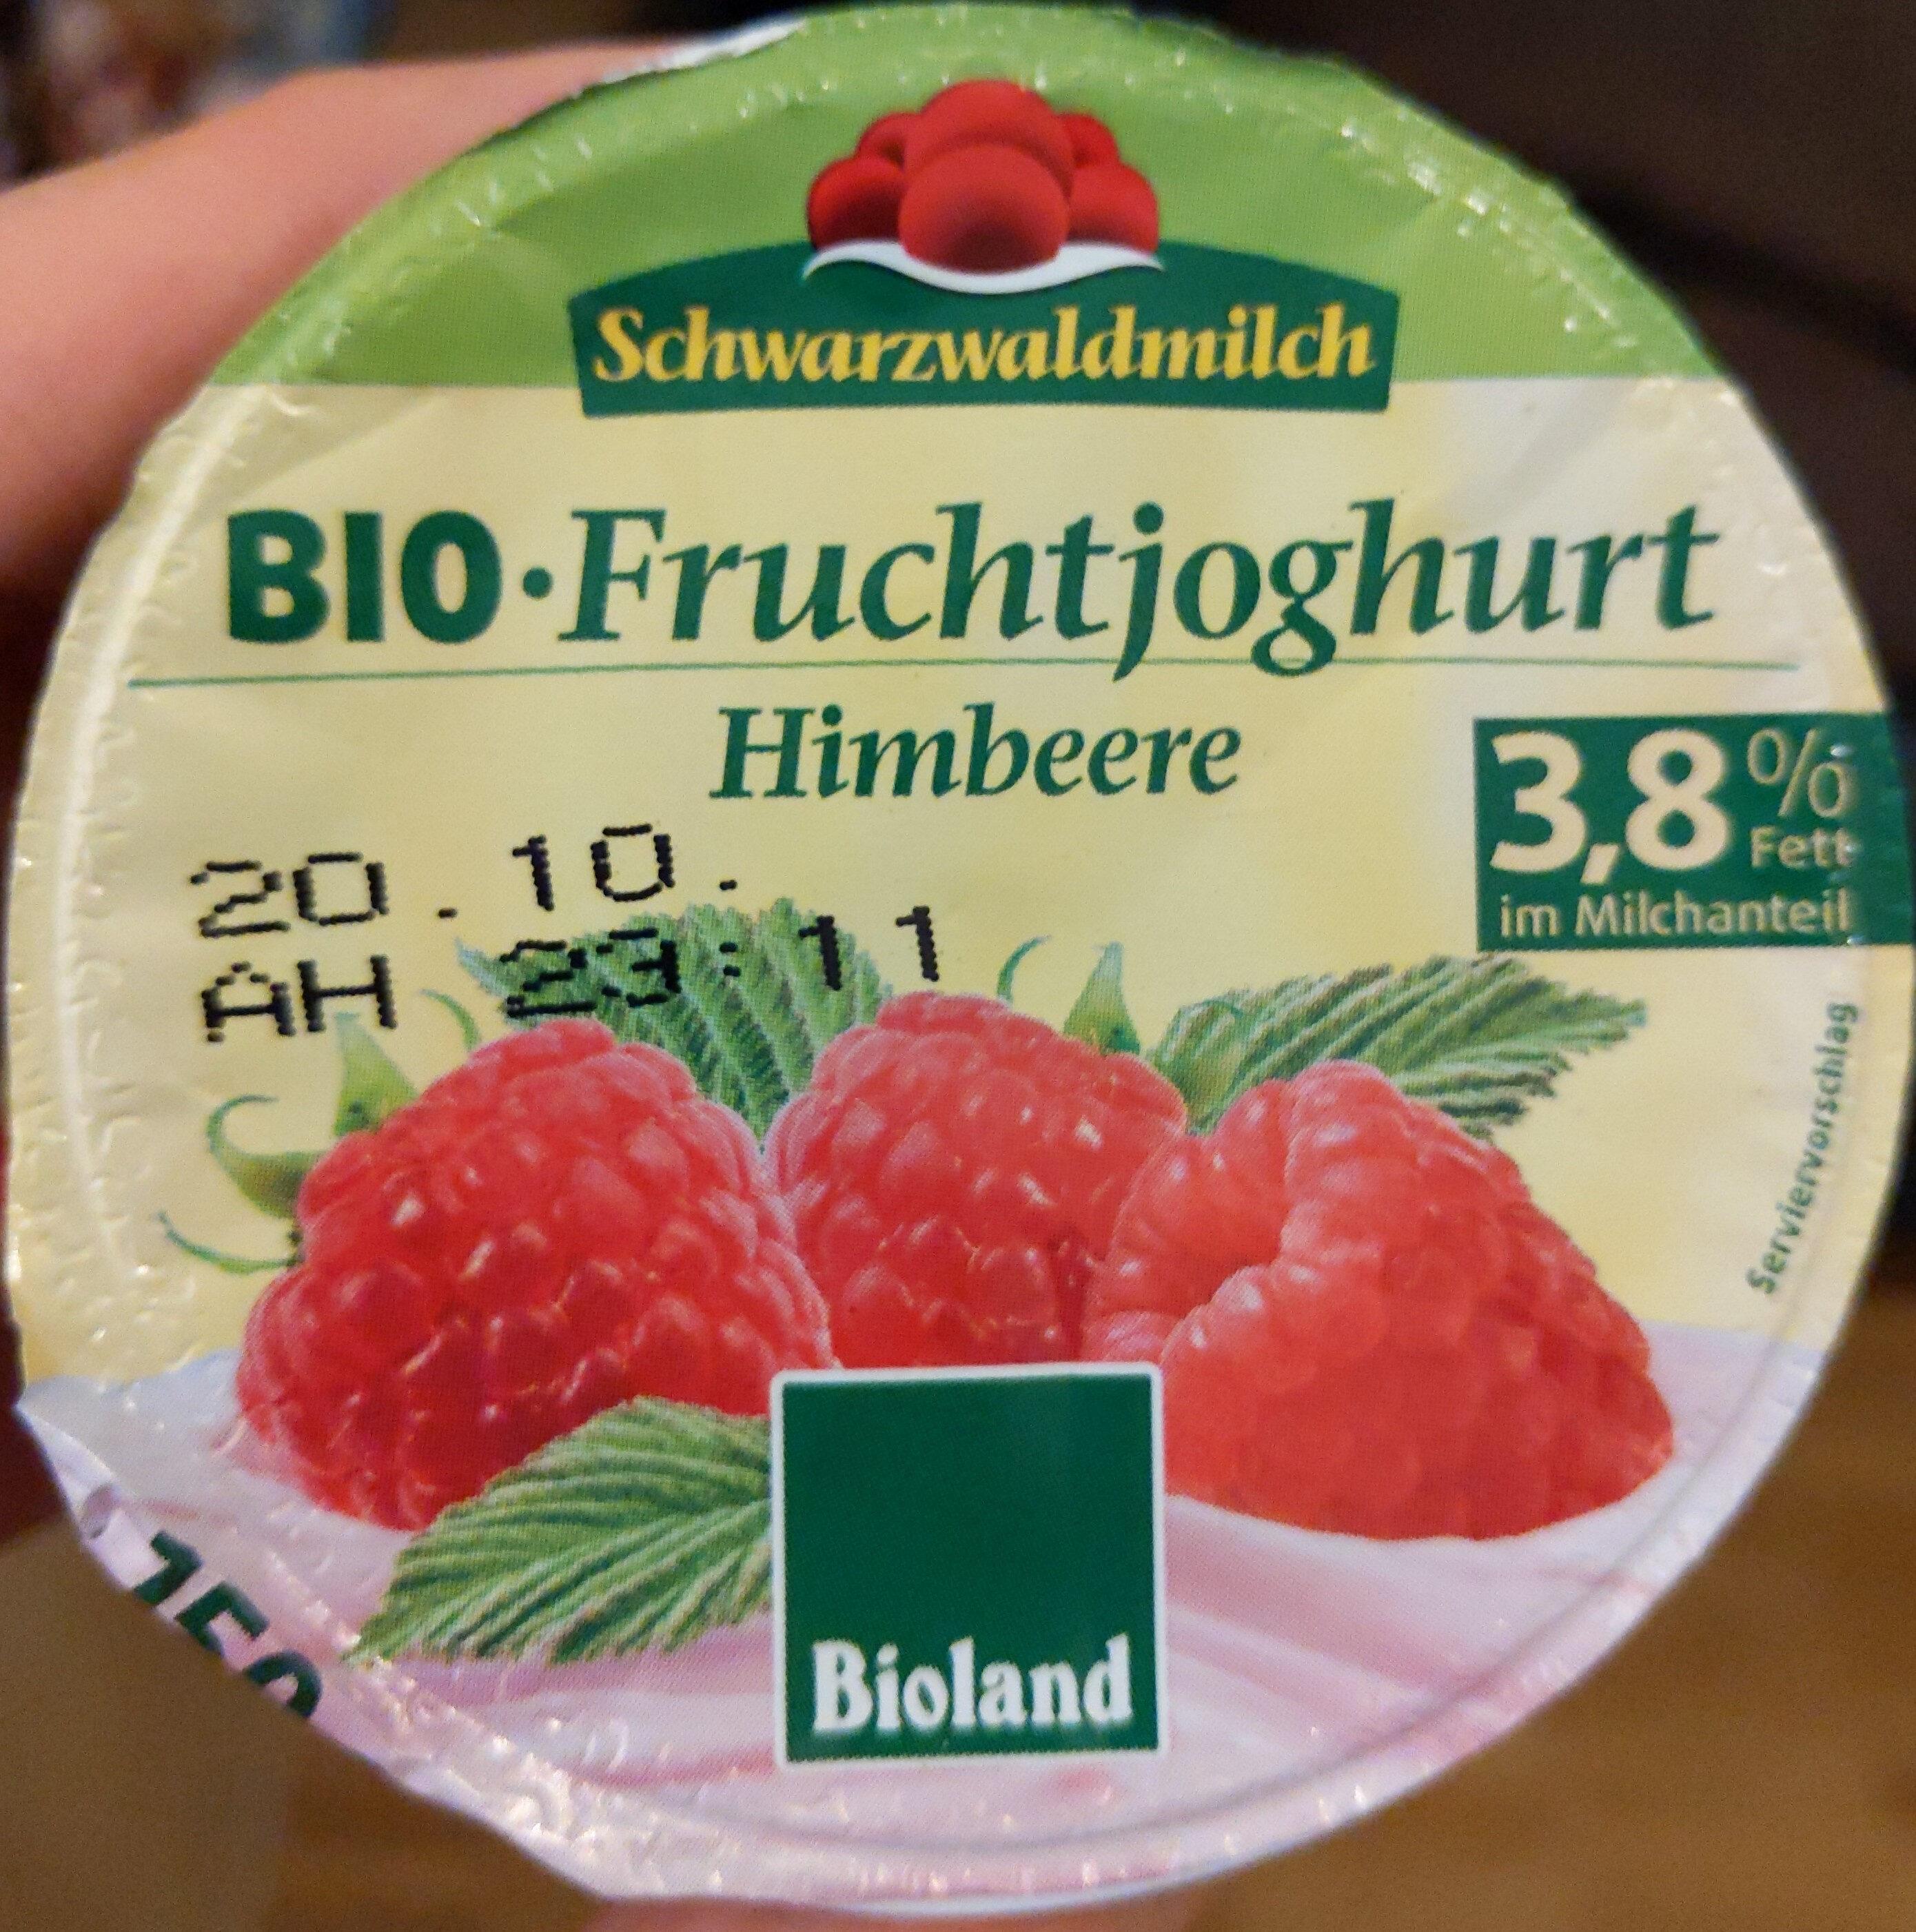 Bio Fruchtjoghurt Himbeere - Produit - de